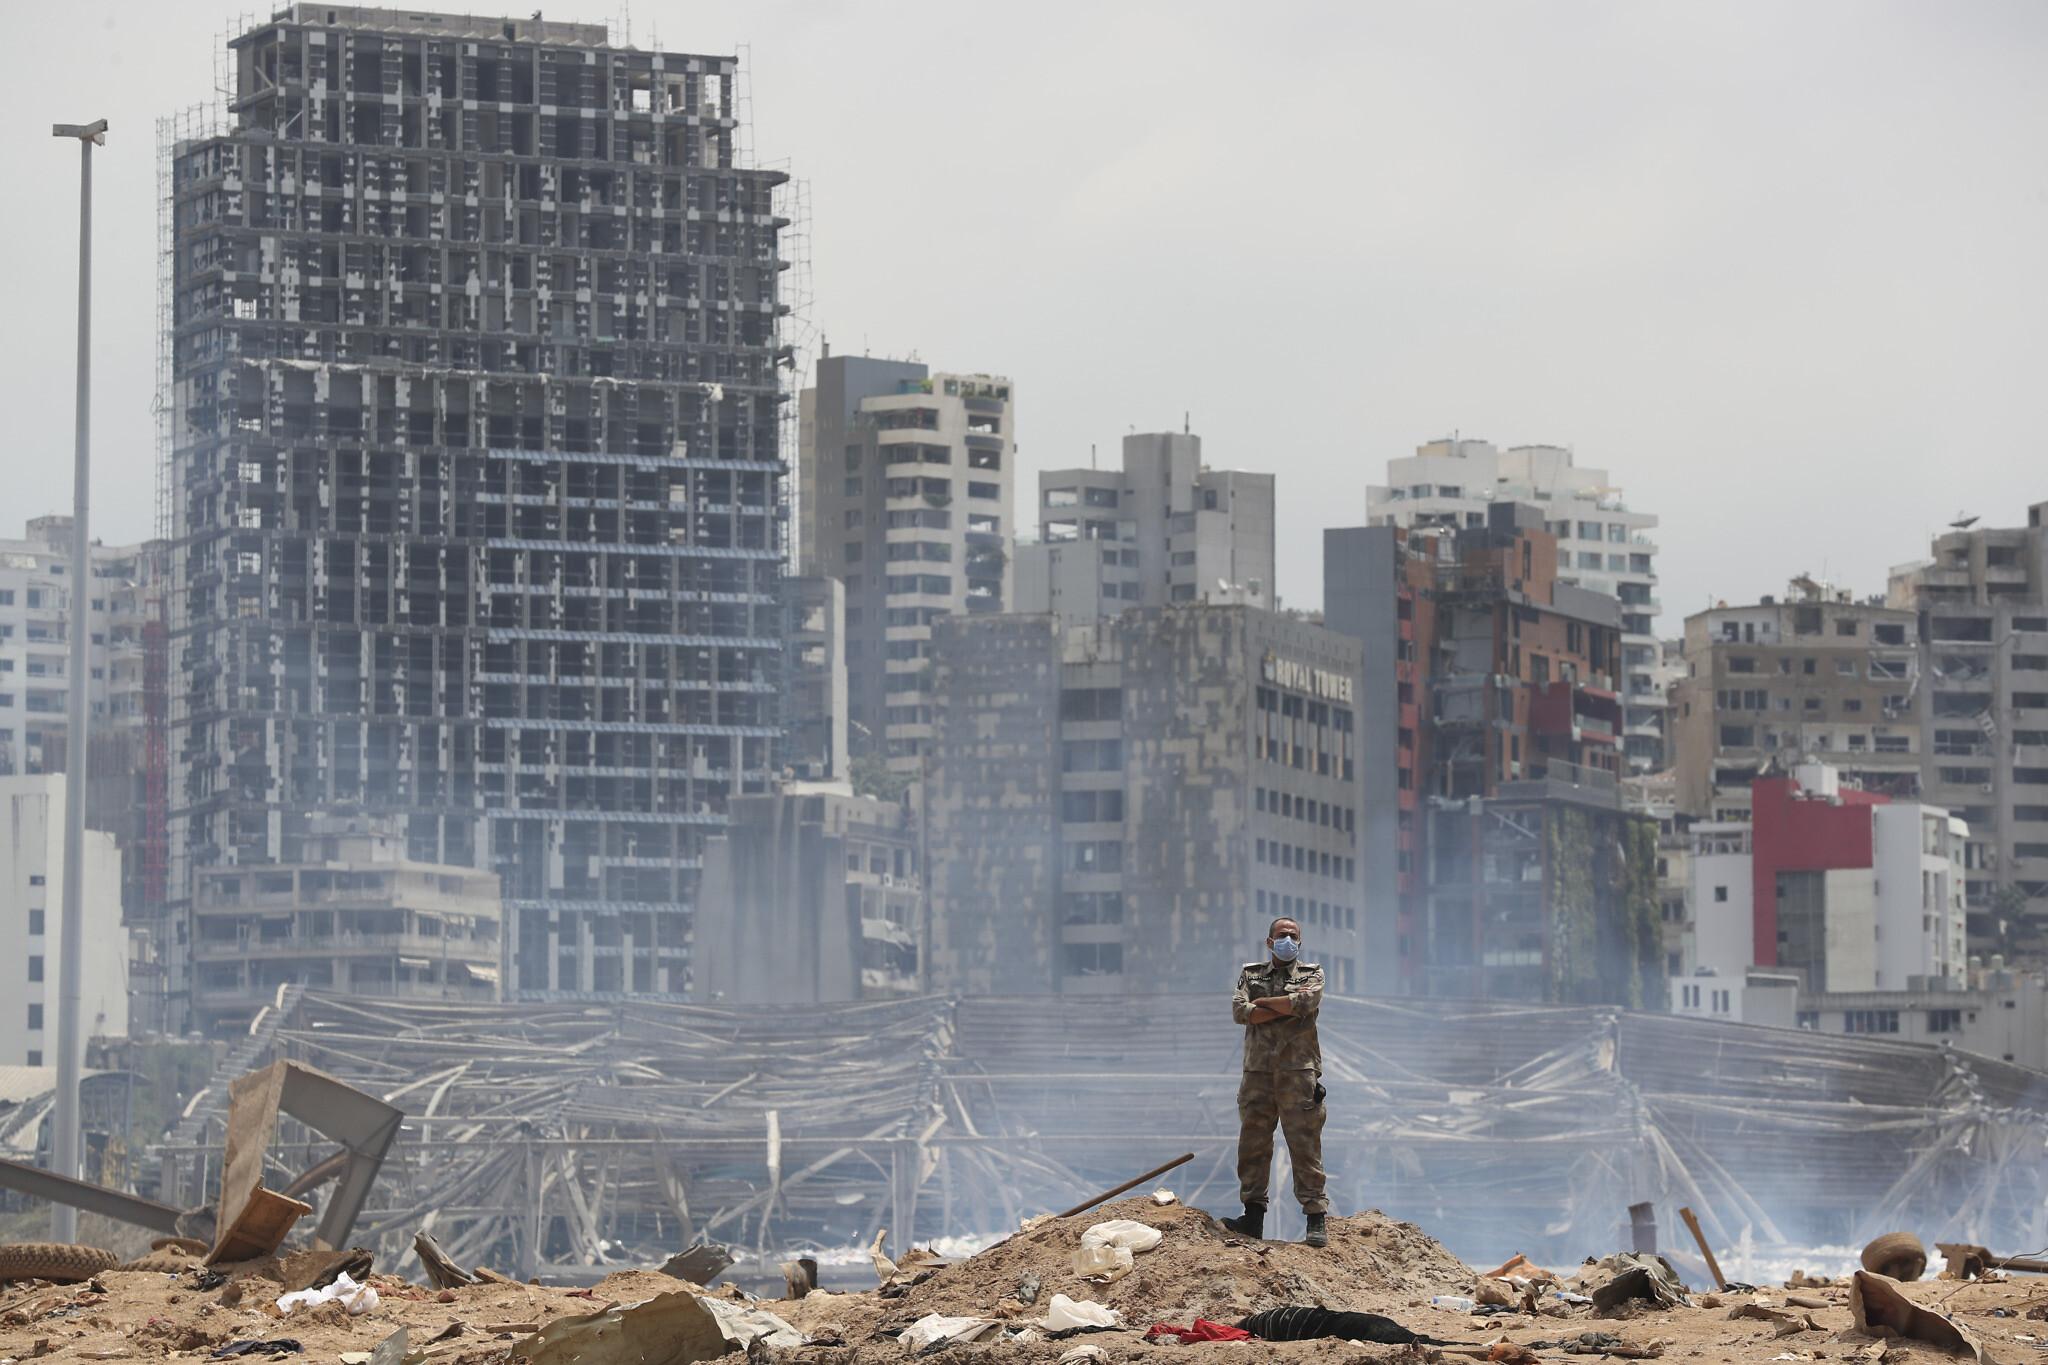 بيان لذوي ضحايا مجزرة المرفأ:  طائفة الضحايا موحّدة من أجل الحقيقة والعدالة